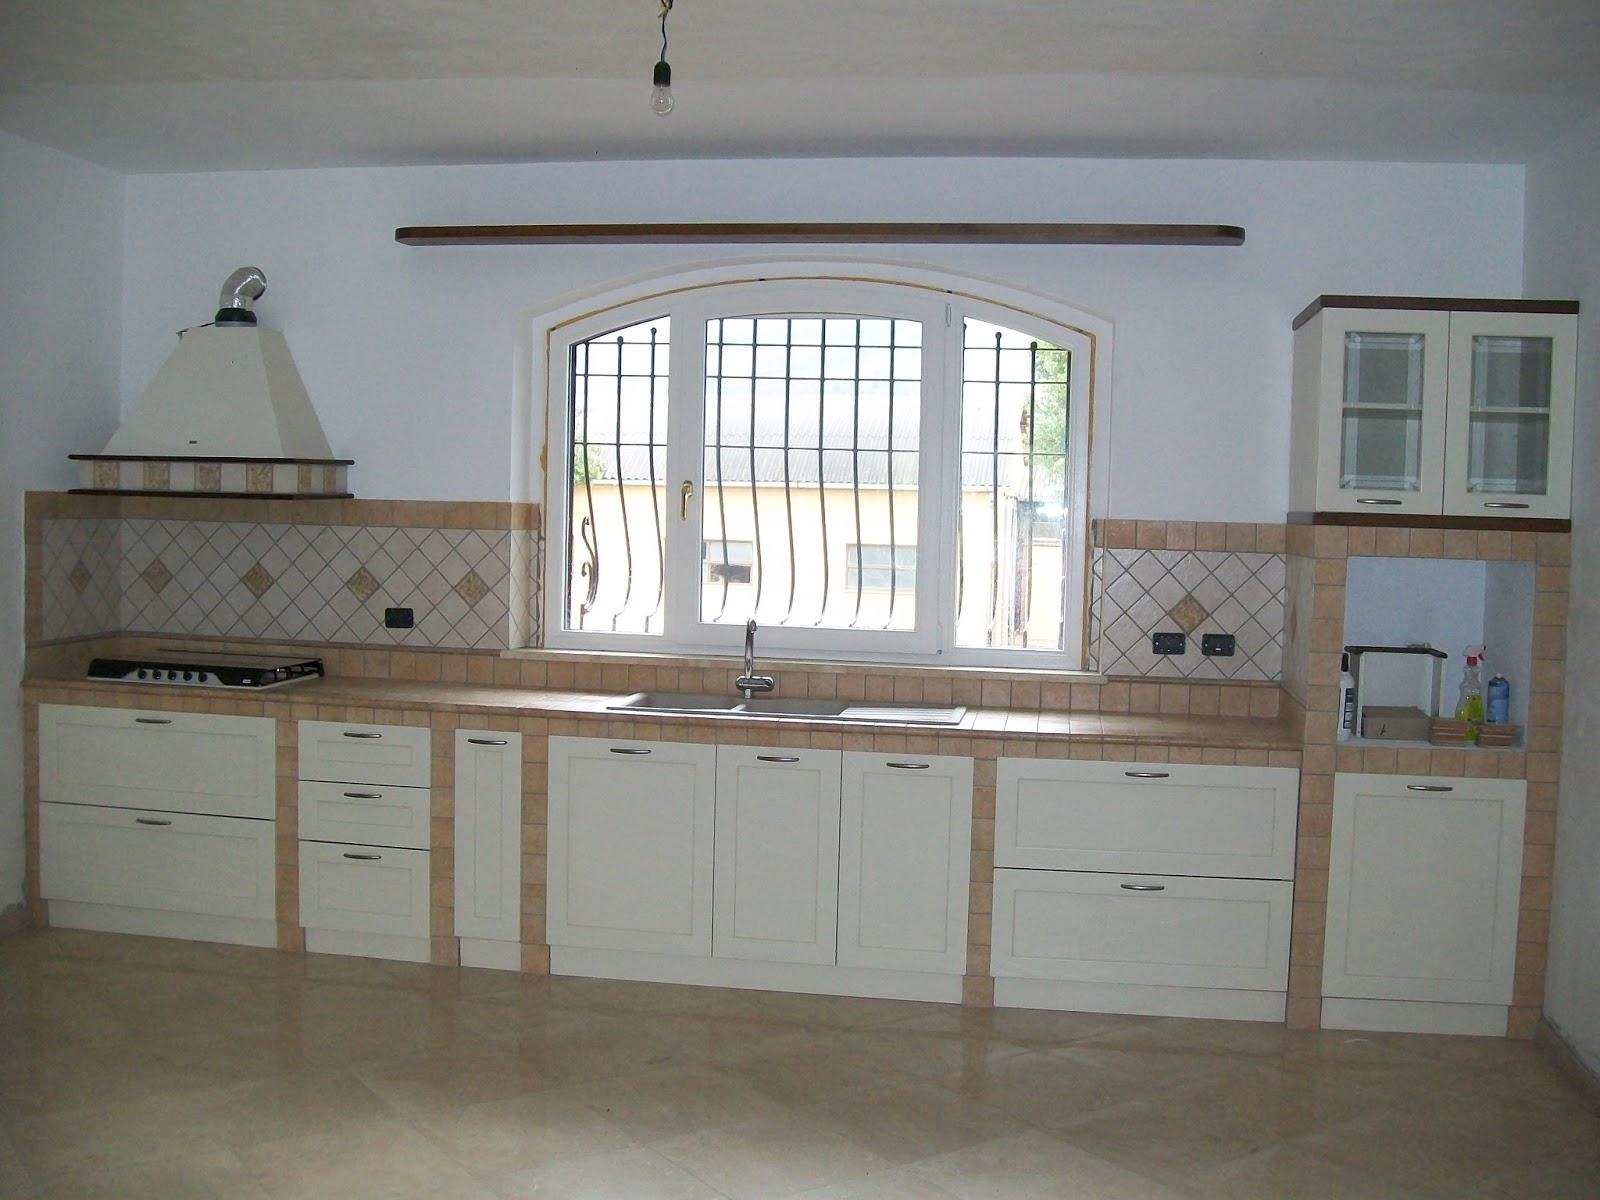 La falegnameria di roberto cucina in muratura - Cucina in muratura ...